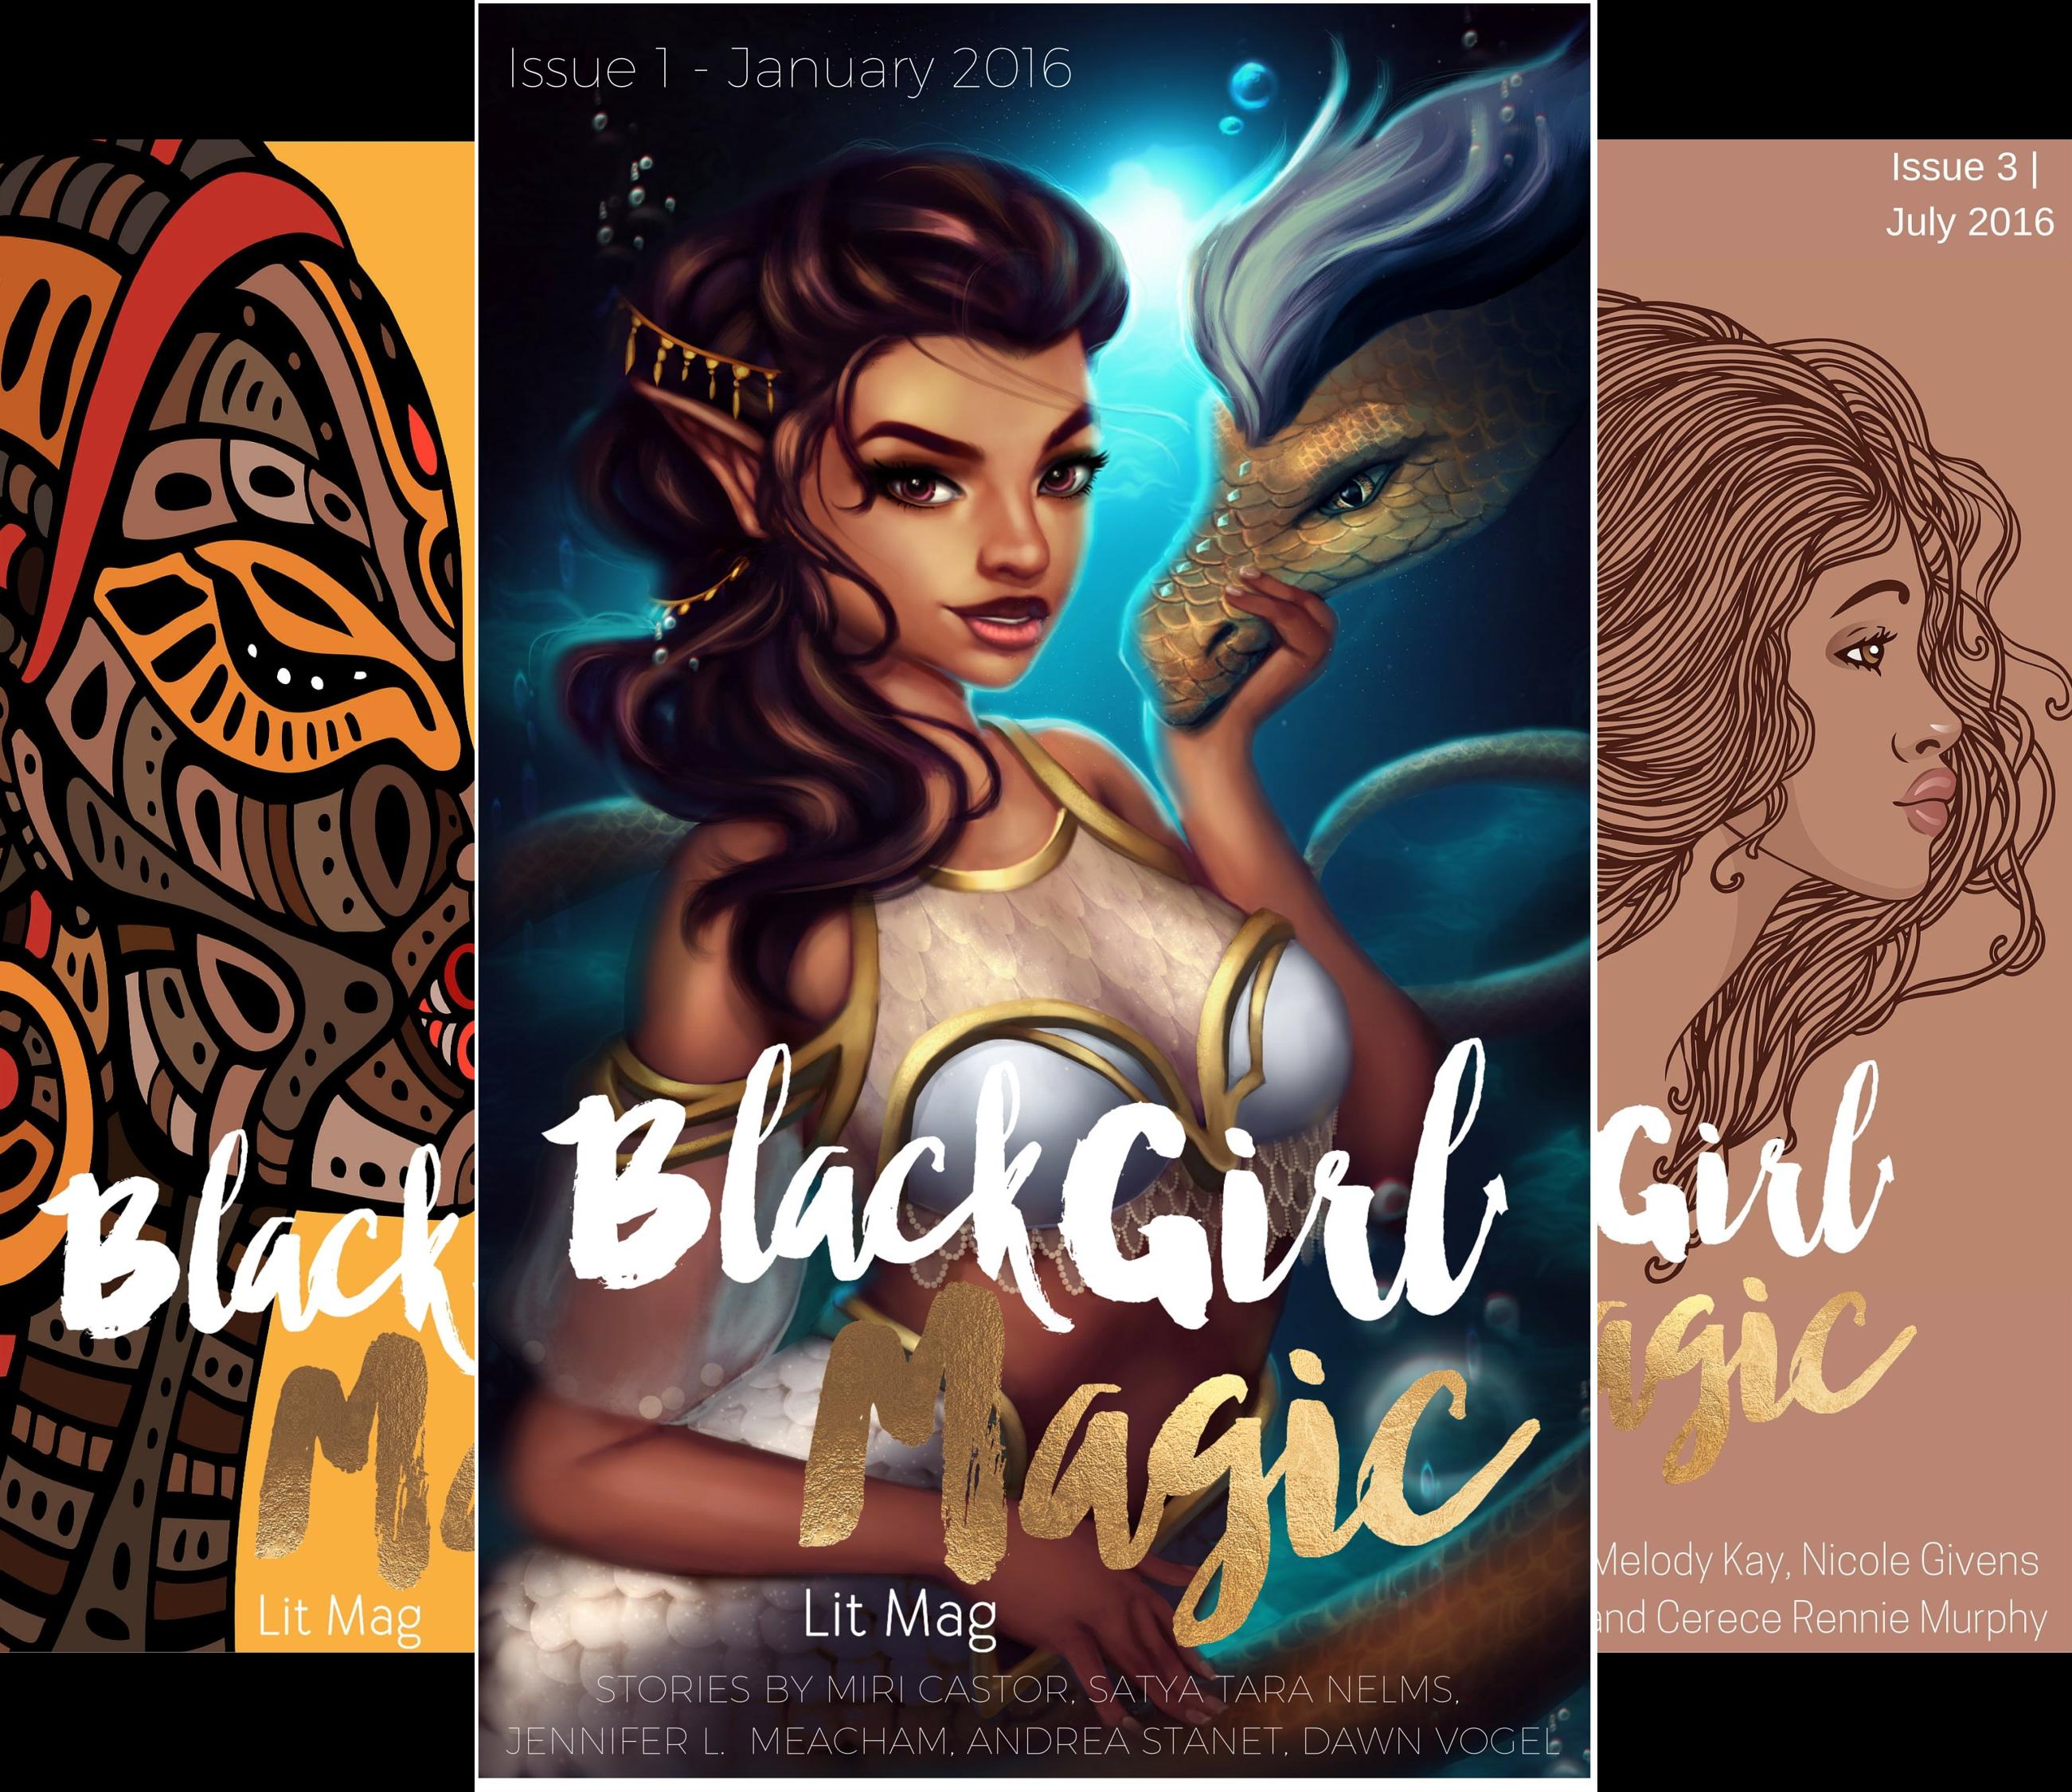 Black Girl Magic Lit Mag (5 Book Series)